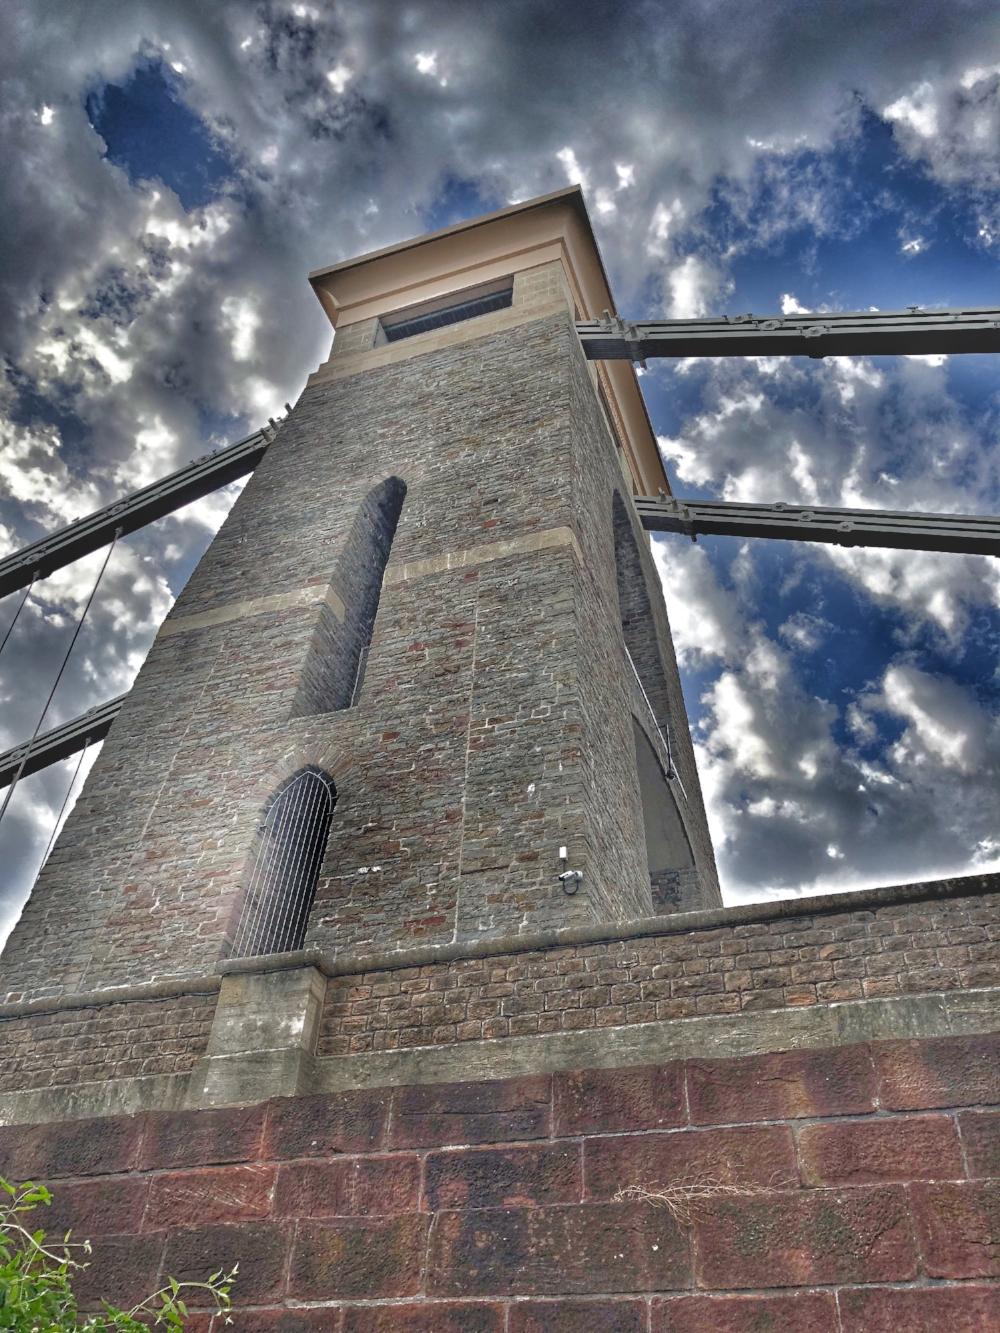 The iconic Suspension Bridge. Thanks Mr Brunel.